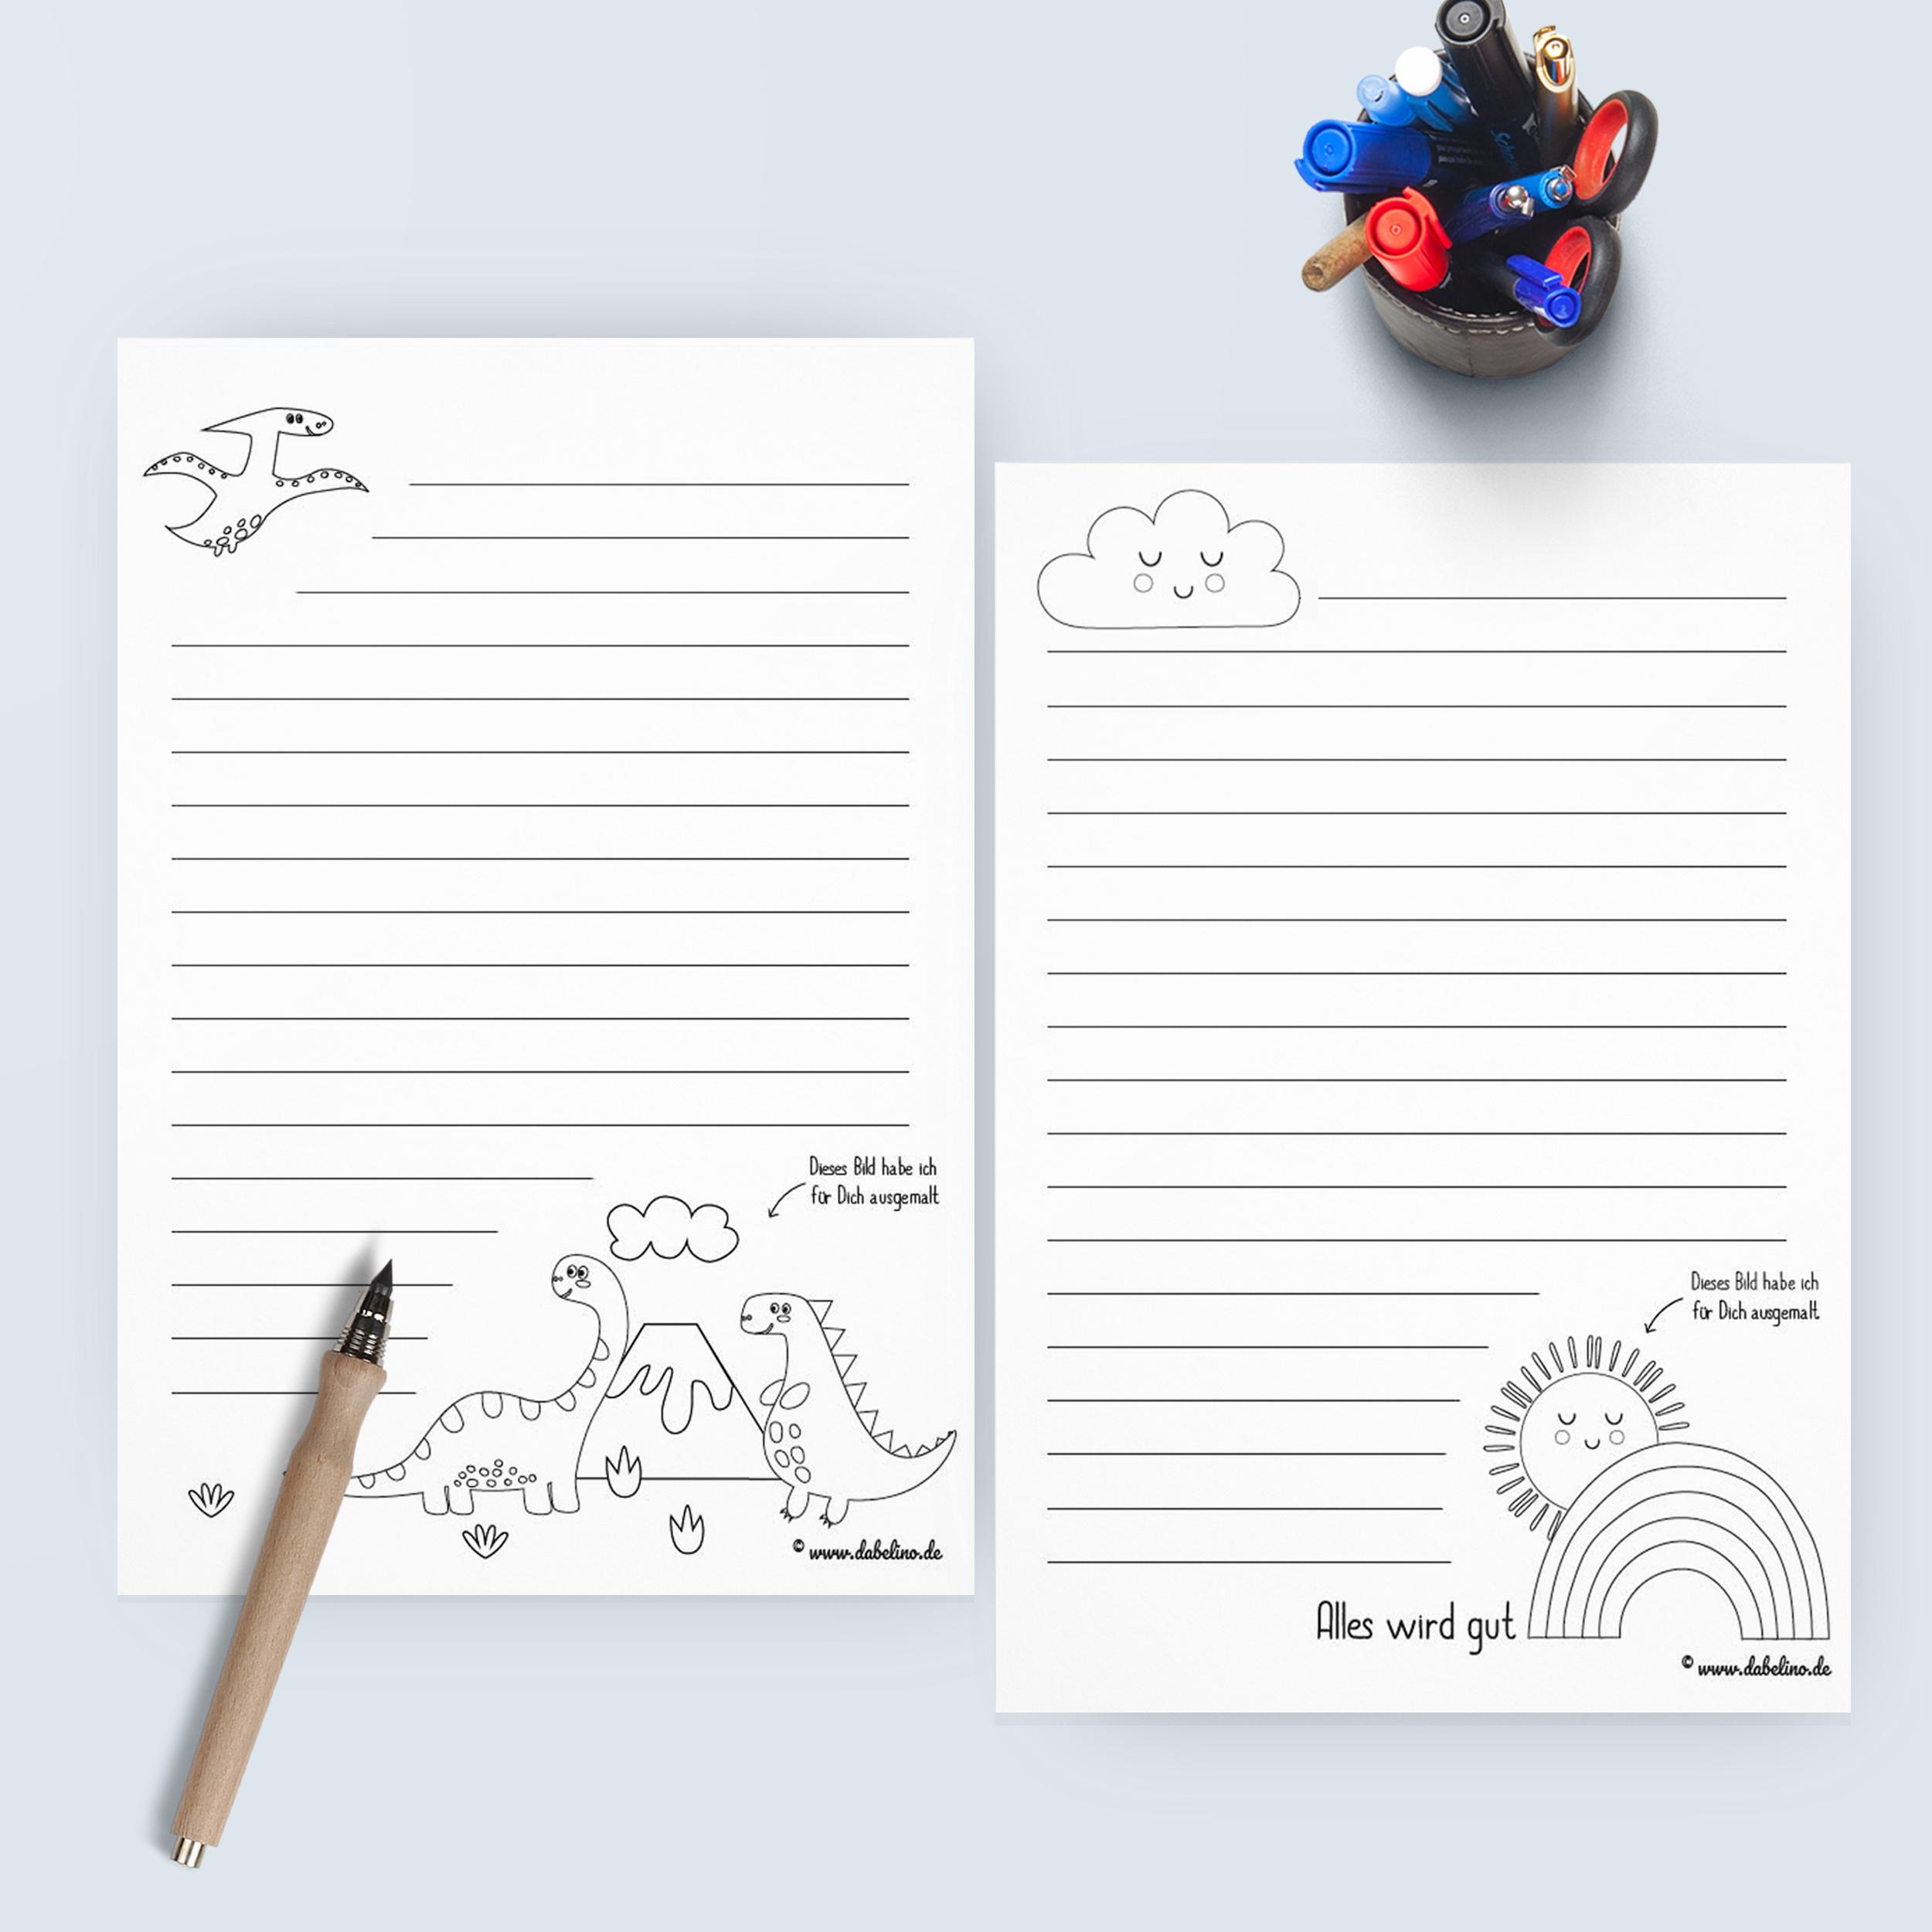 Stylische Briefpapier Freebies zum Ausdrucken